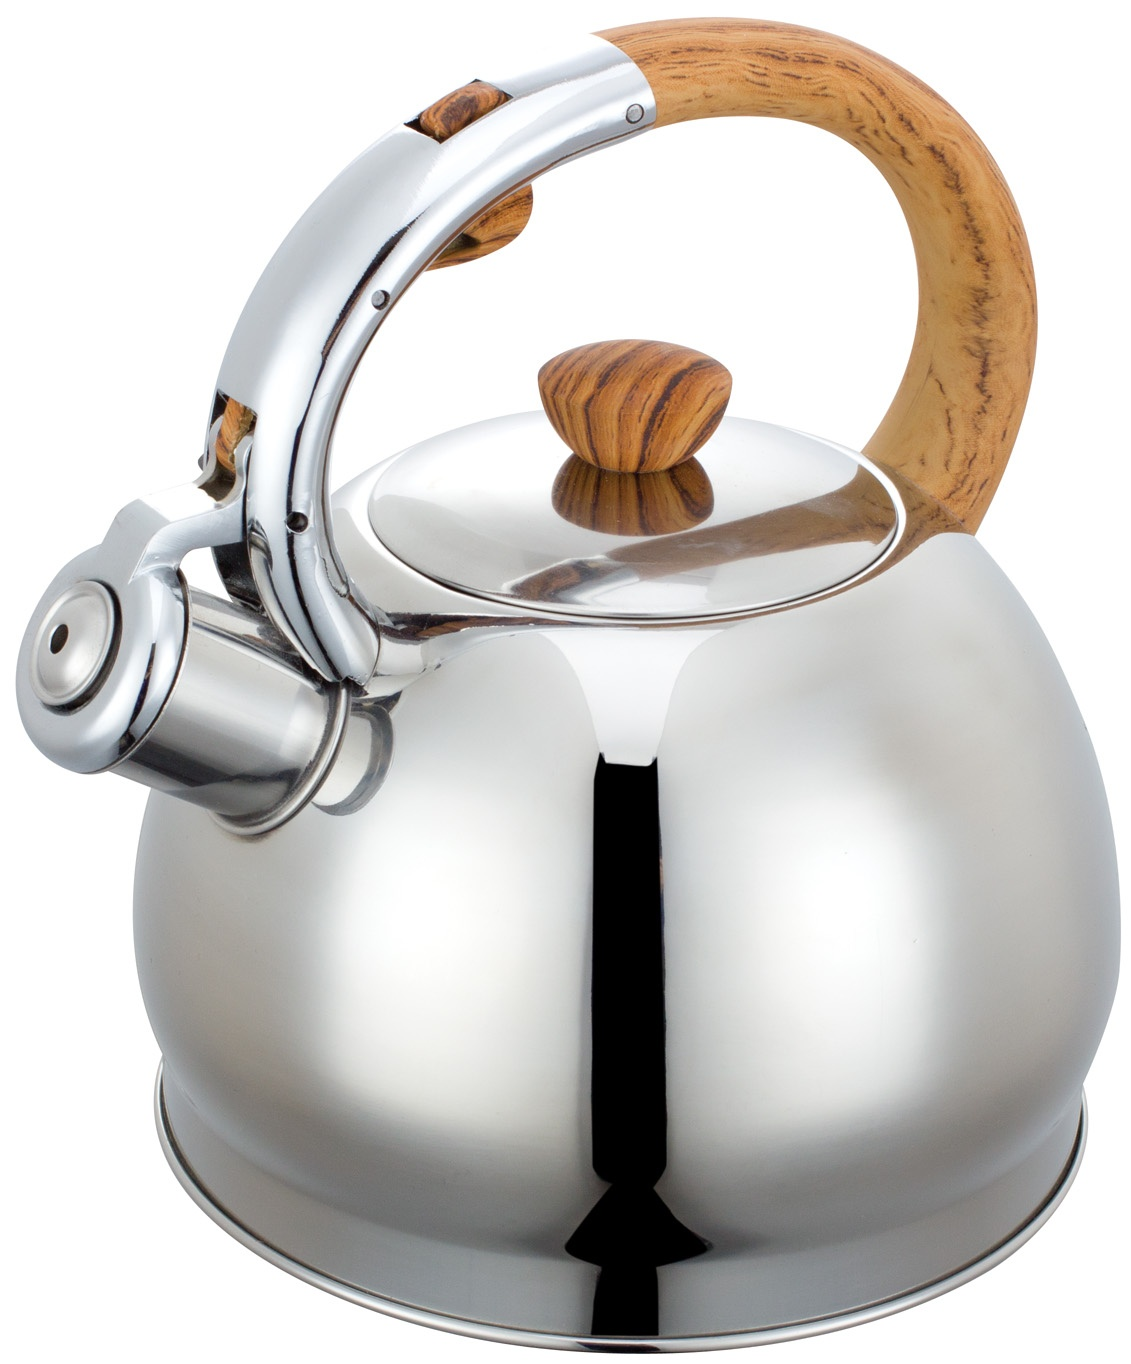 czajnik na gaz bokono